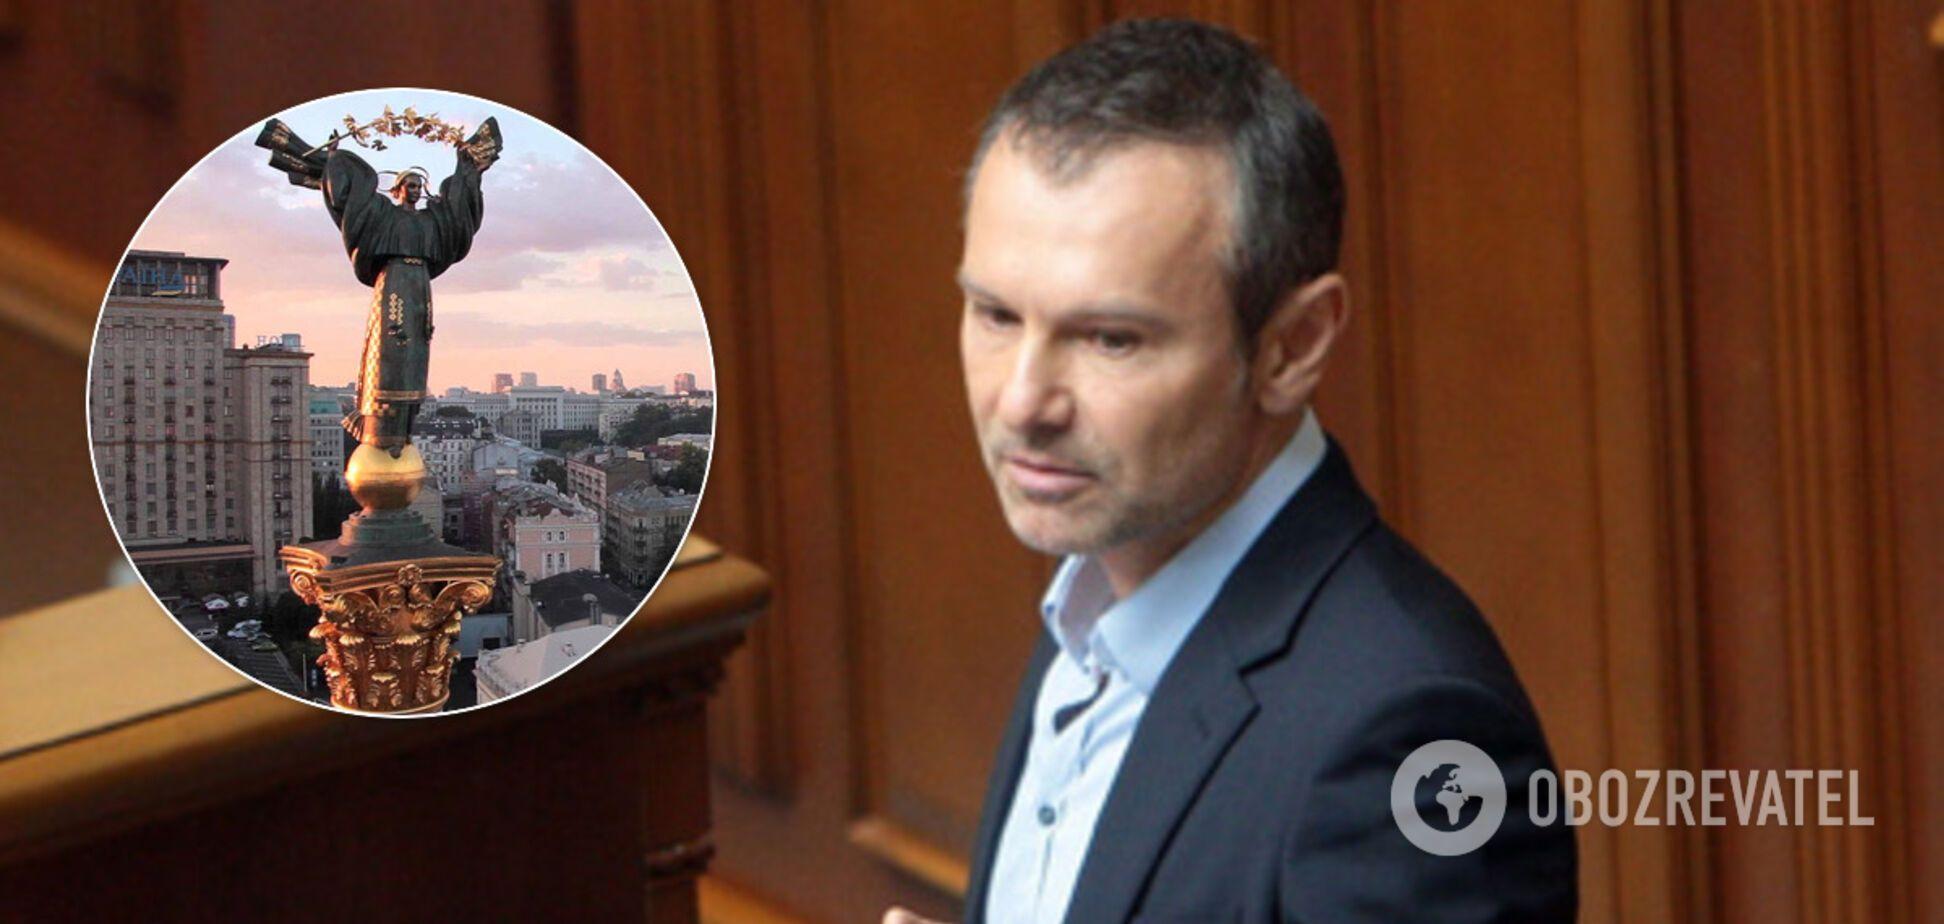 Вакарчук намекнул на возможное участие в выборах мэра Киева или Львова